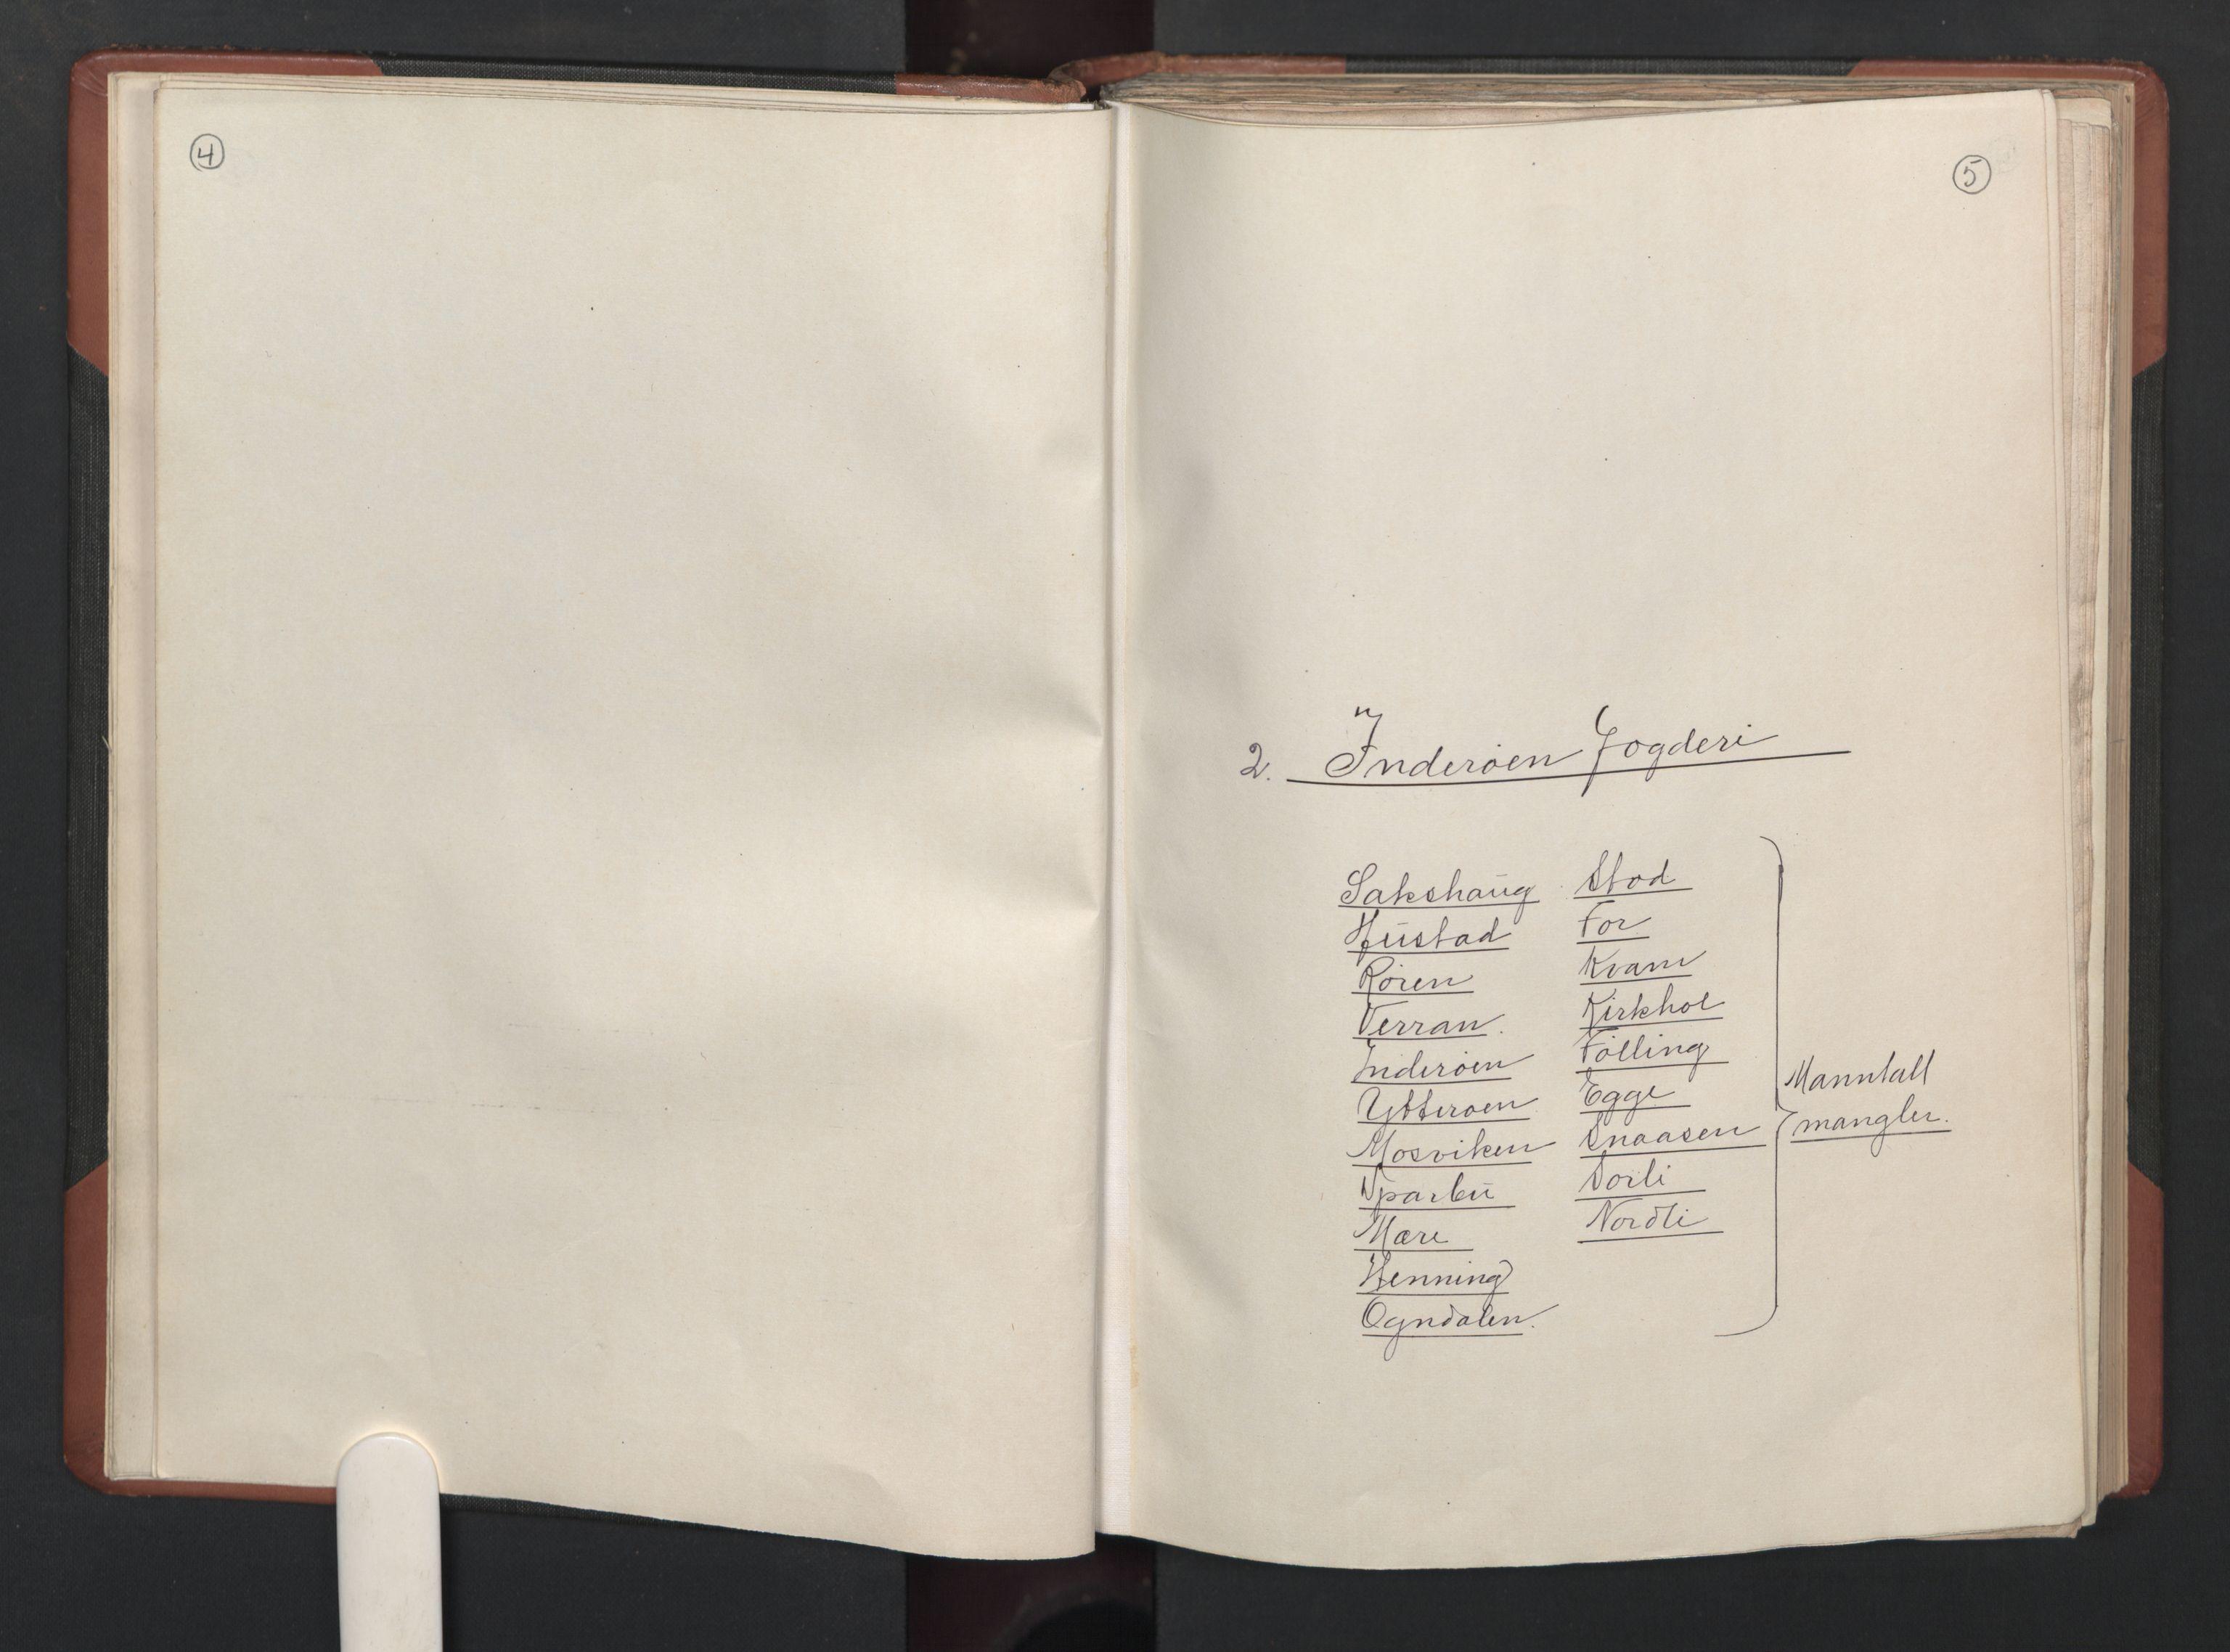 RA, Fogdenes og sorenskrivernes manntall 1664-1666, nr. 19: Fosen fogderi, Inderøy fogderi, Selbu fogderi, Namdal fogderi og Stjørdal fogderi, 1664-1665, s. 4-5